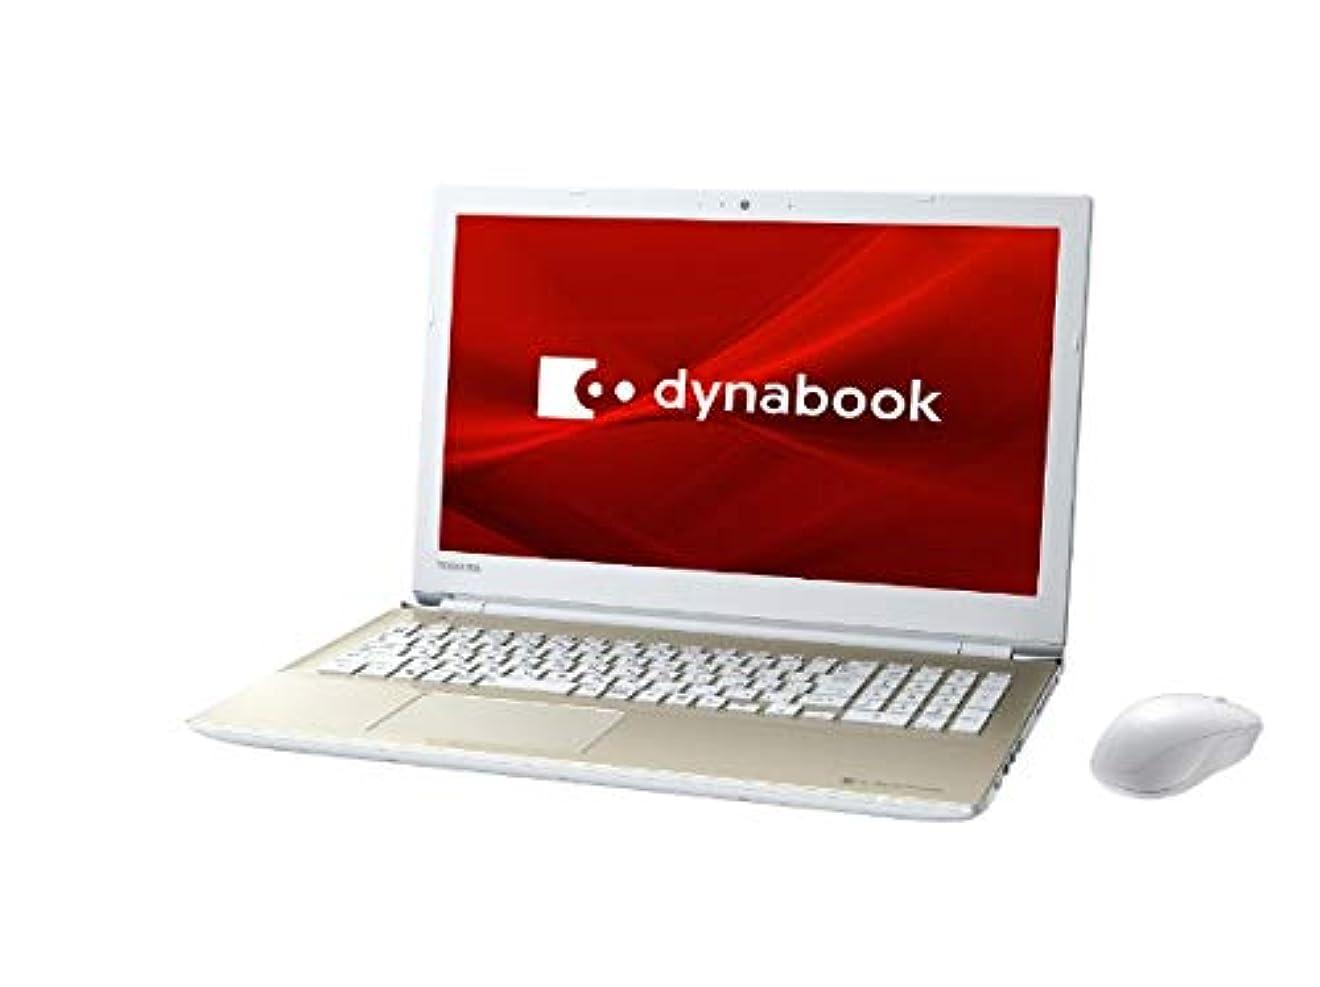 液化する沈黙オセアニアDynabook(ダイナブック) 15.6型ノートパソコン dynabook T4 サテンゴールド【2019年夏モデル】[Celeron/メモリ 4GB/HDD 1TB/Microsoft Office] P1T4KPBG